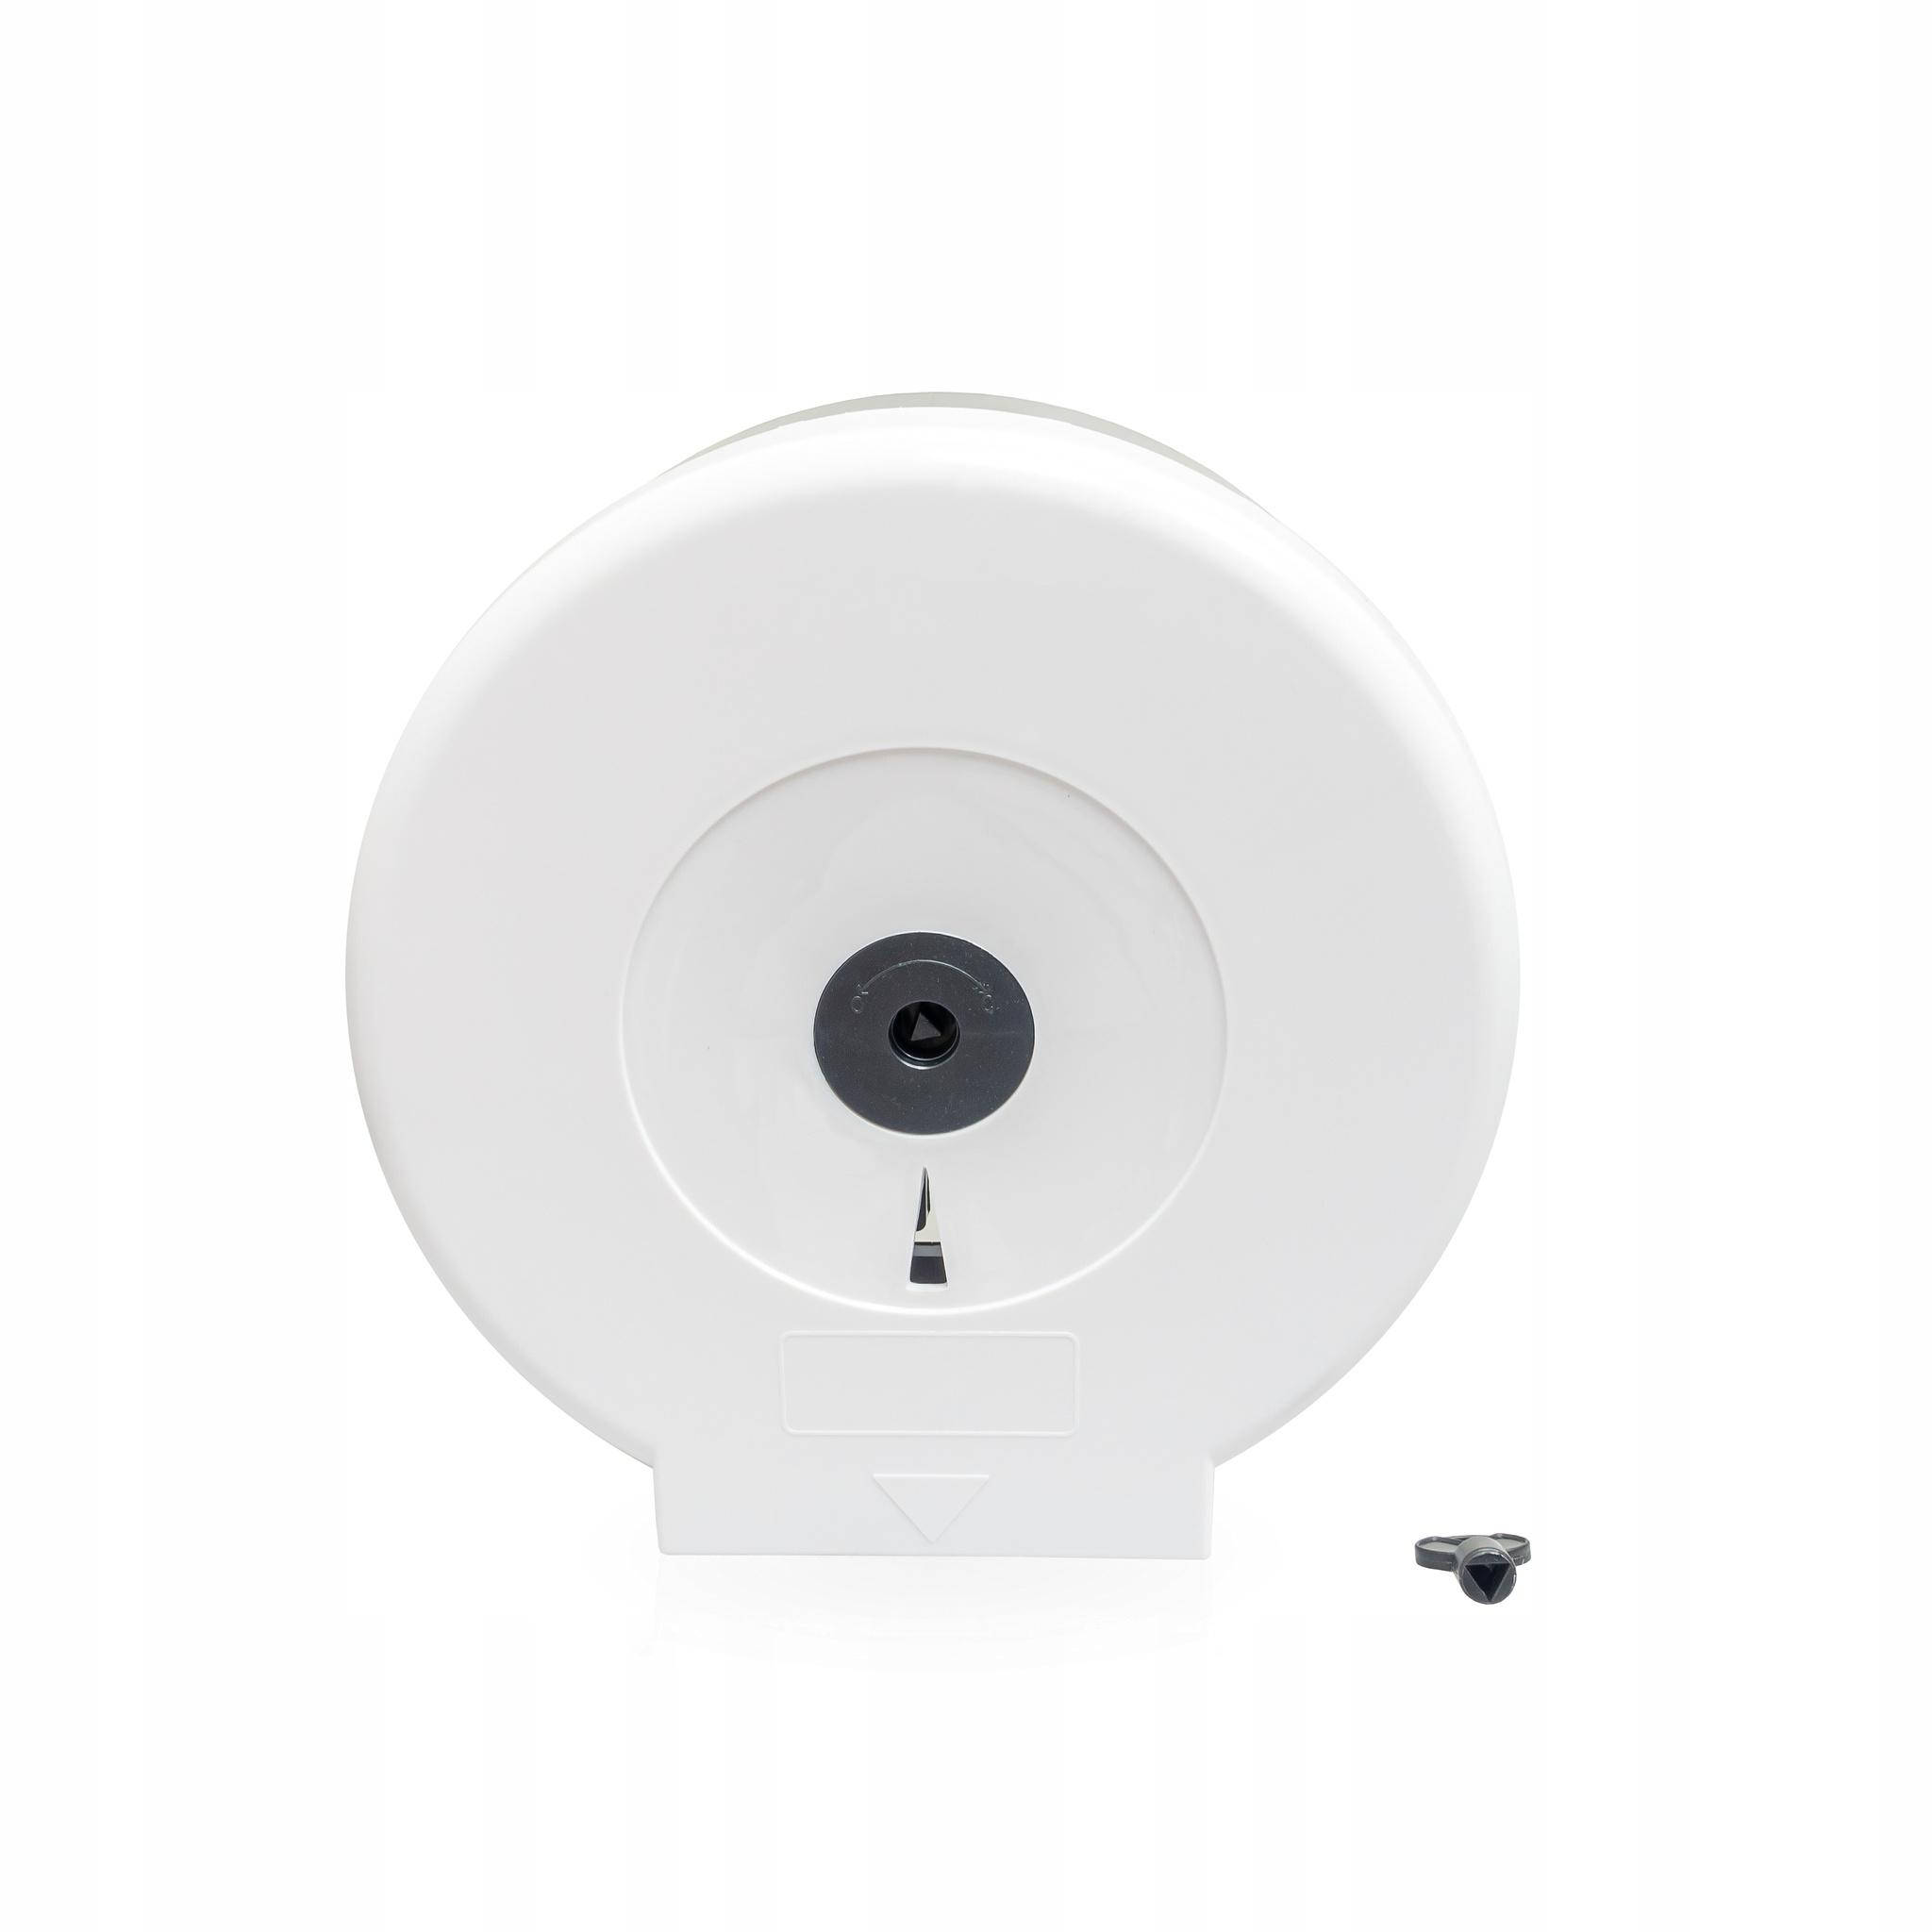 ДОЗАТОР для туалетной бумаги JUMBO Ø70мм